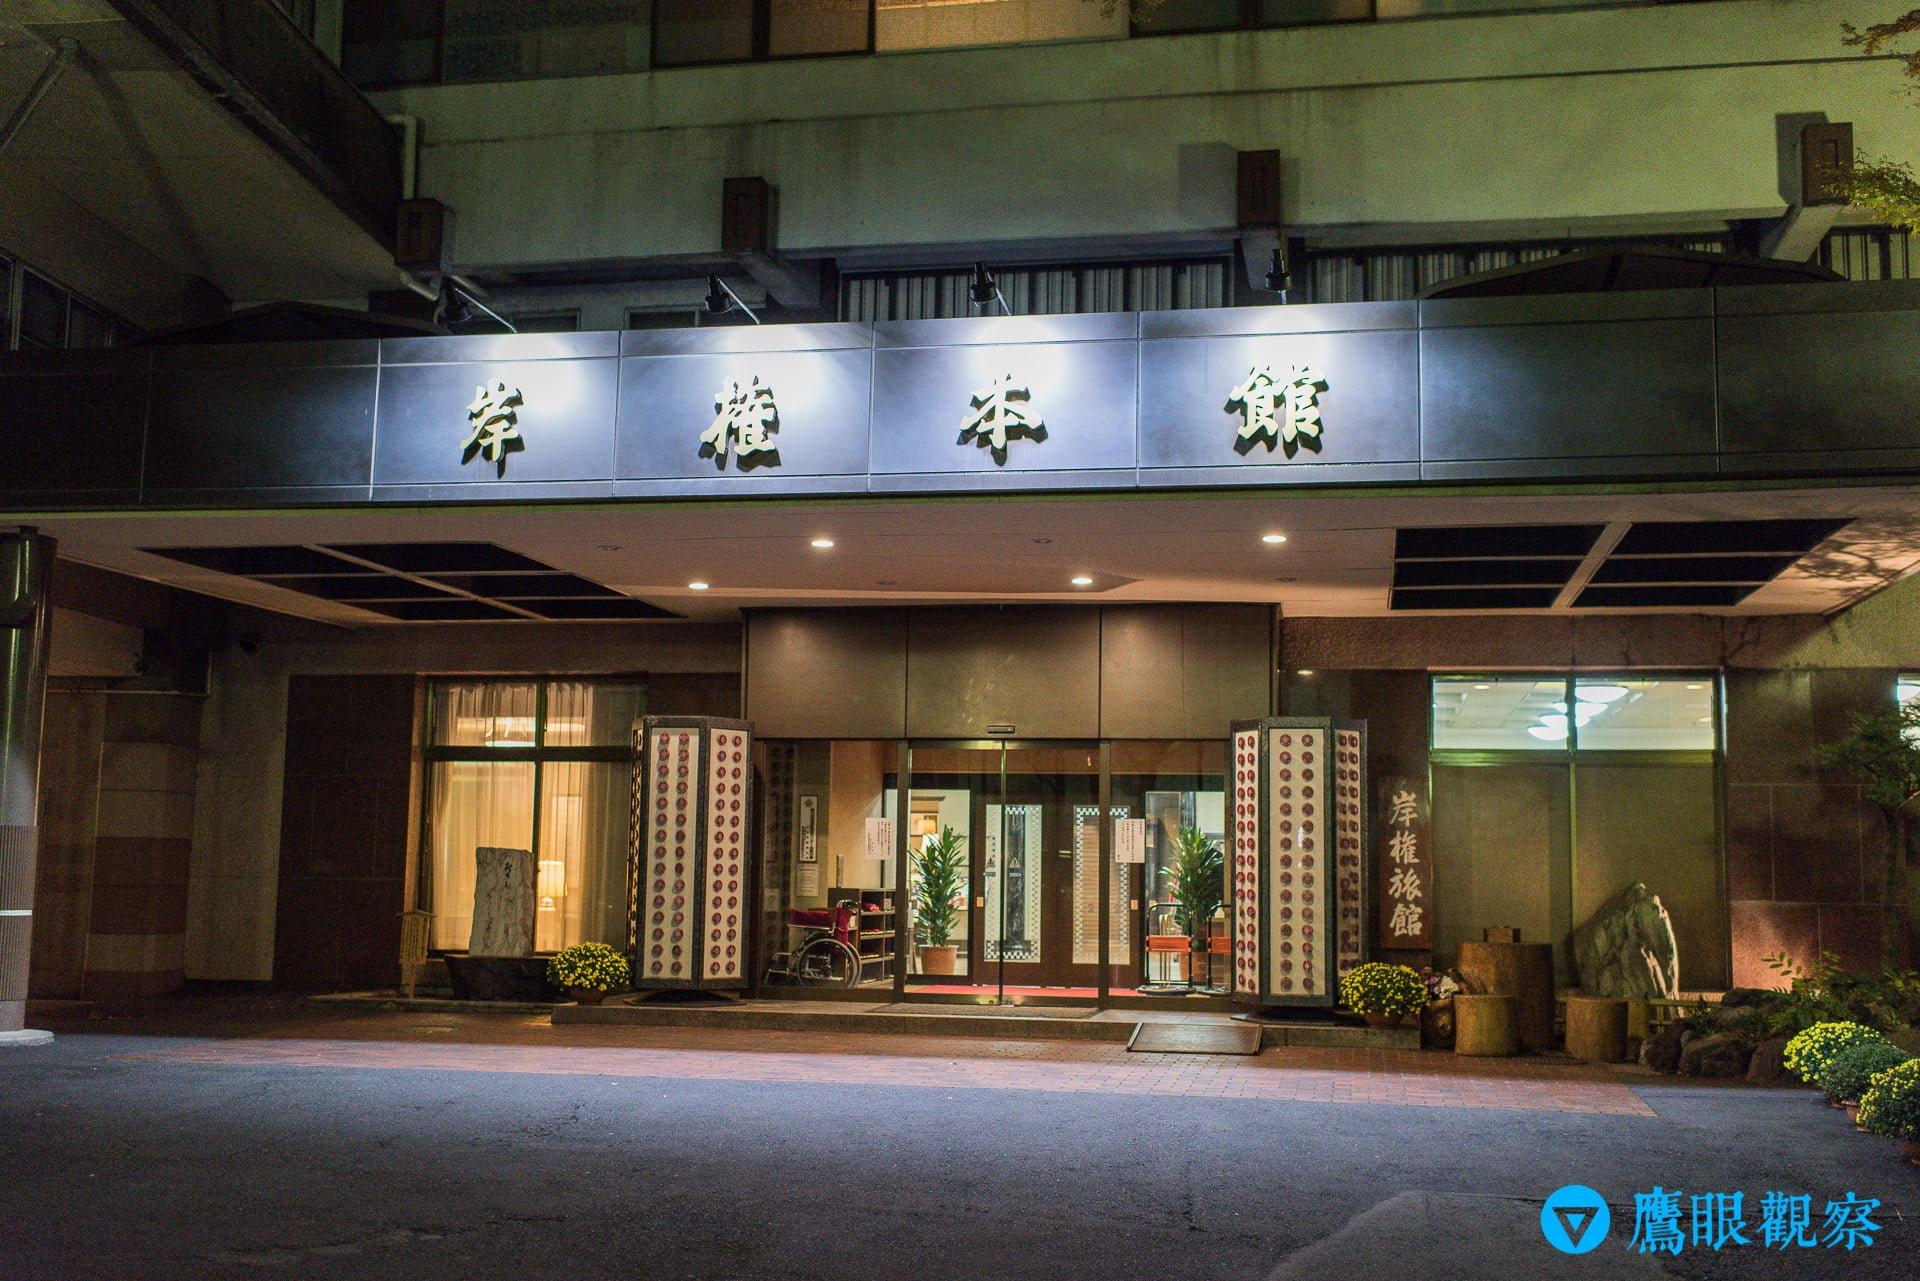 travel Japan gunma kishigon ryokan hotel in izumo spa hot spring 28 群馬縣伊香保溫泉「岸權旅館」日本旅館住宿推薦